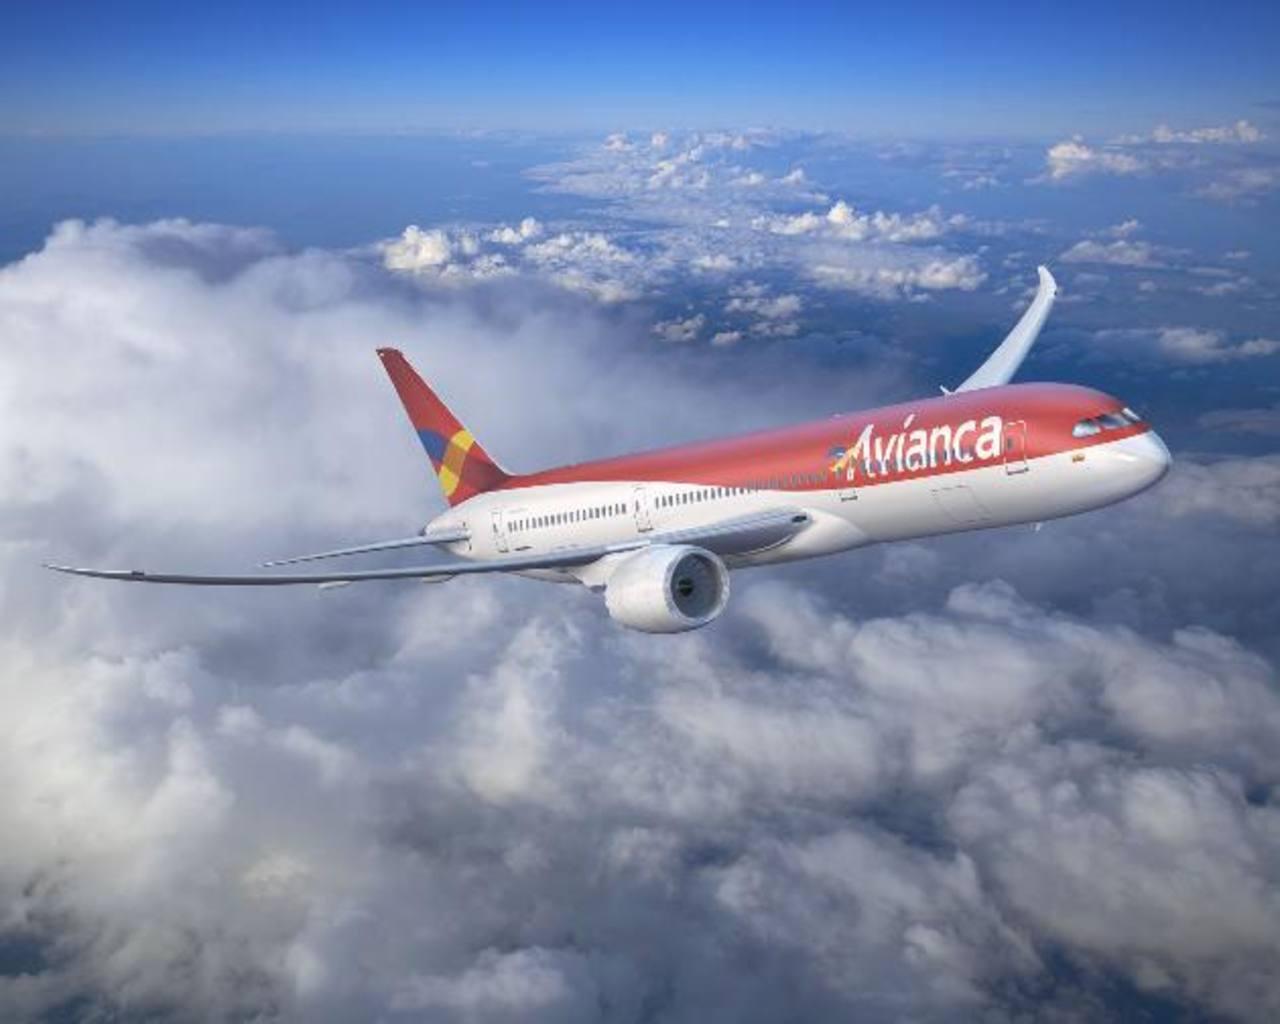 Las aerolíneas subsidiarias de Avianca Holdings cerraron 2013 con una flota de 150 aeronaves de pasajeros y cinco destinadas a carga. Foto EDH/CORTESÍA DE AVIANCA